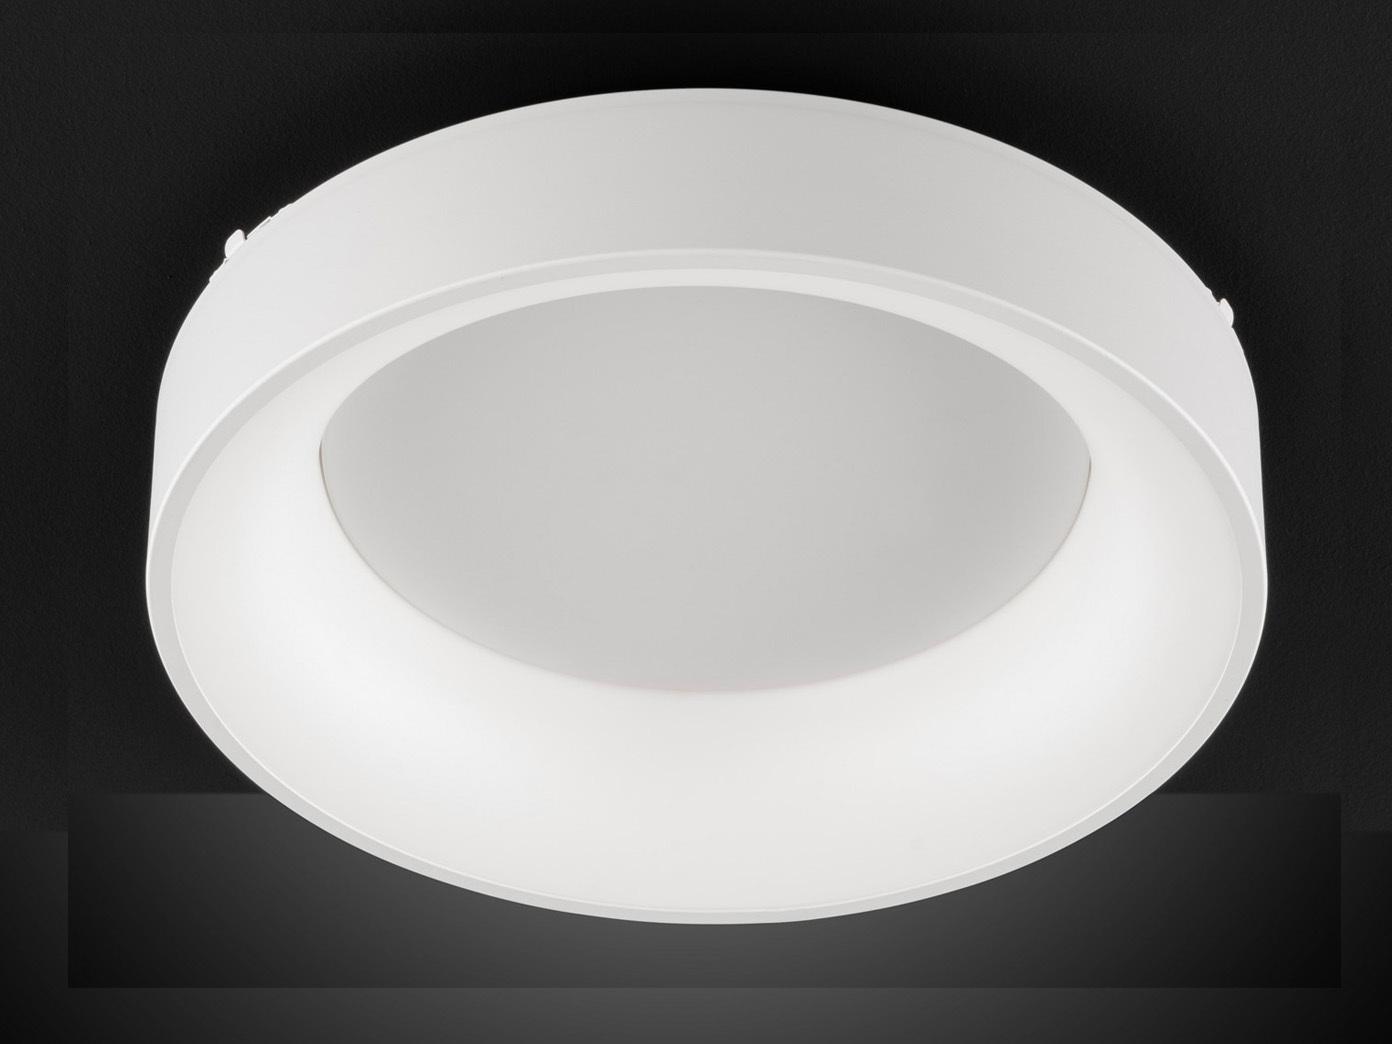 Full Size of Lampe Schlafzimmer Holz Deckenleuchte E27 Deckenlampen Design Deckenlampe Led Dimmbar Skandinavisch Modern Ikea 5d8d453956f55 Komplett Poco Klimagerät Für Schlafzimmer Deckenlampe Schlafzimmer